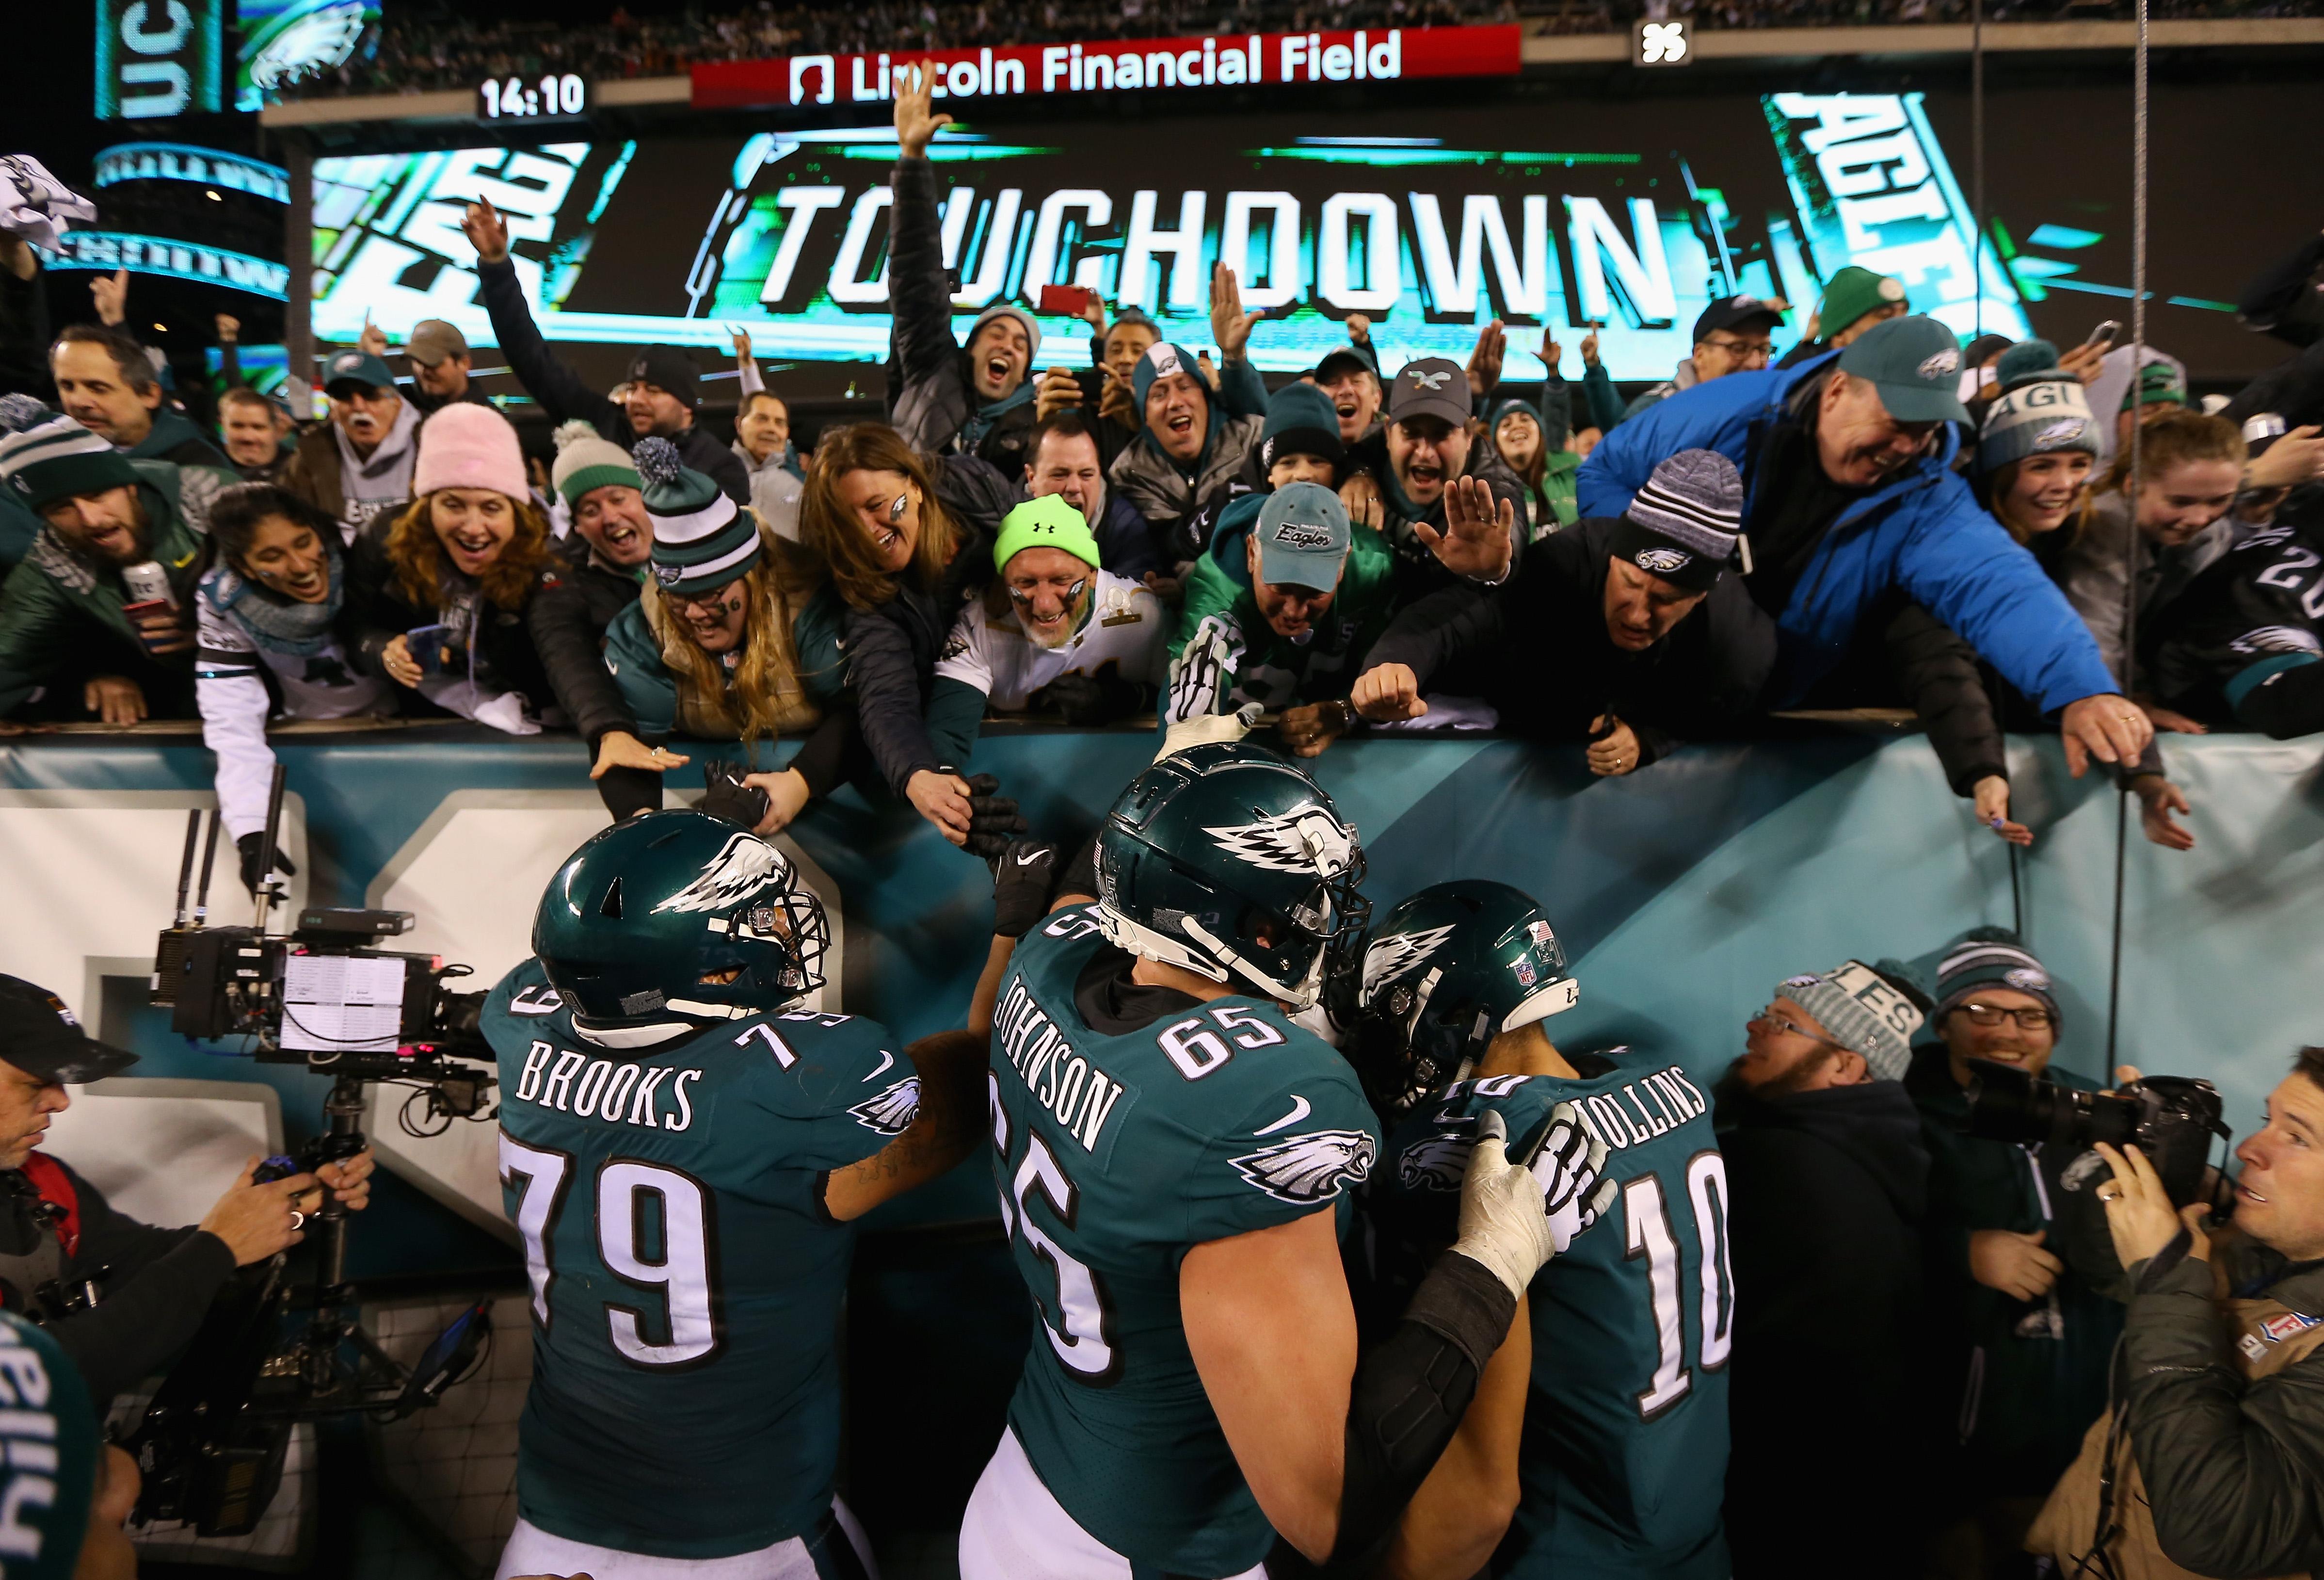 Minnesota Vikings, Philadelphia Eagles, final, conferencia nacional, estará, Super Bowl LII, contra, Patriots, New England, 4 de febrero,